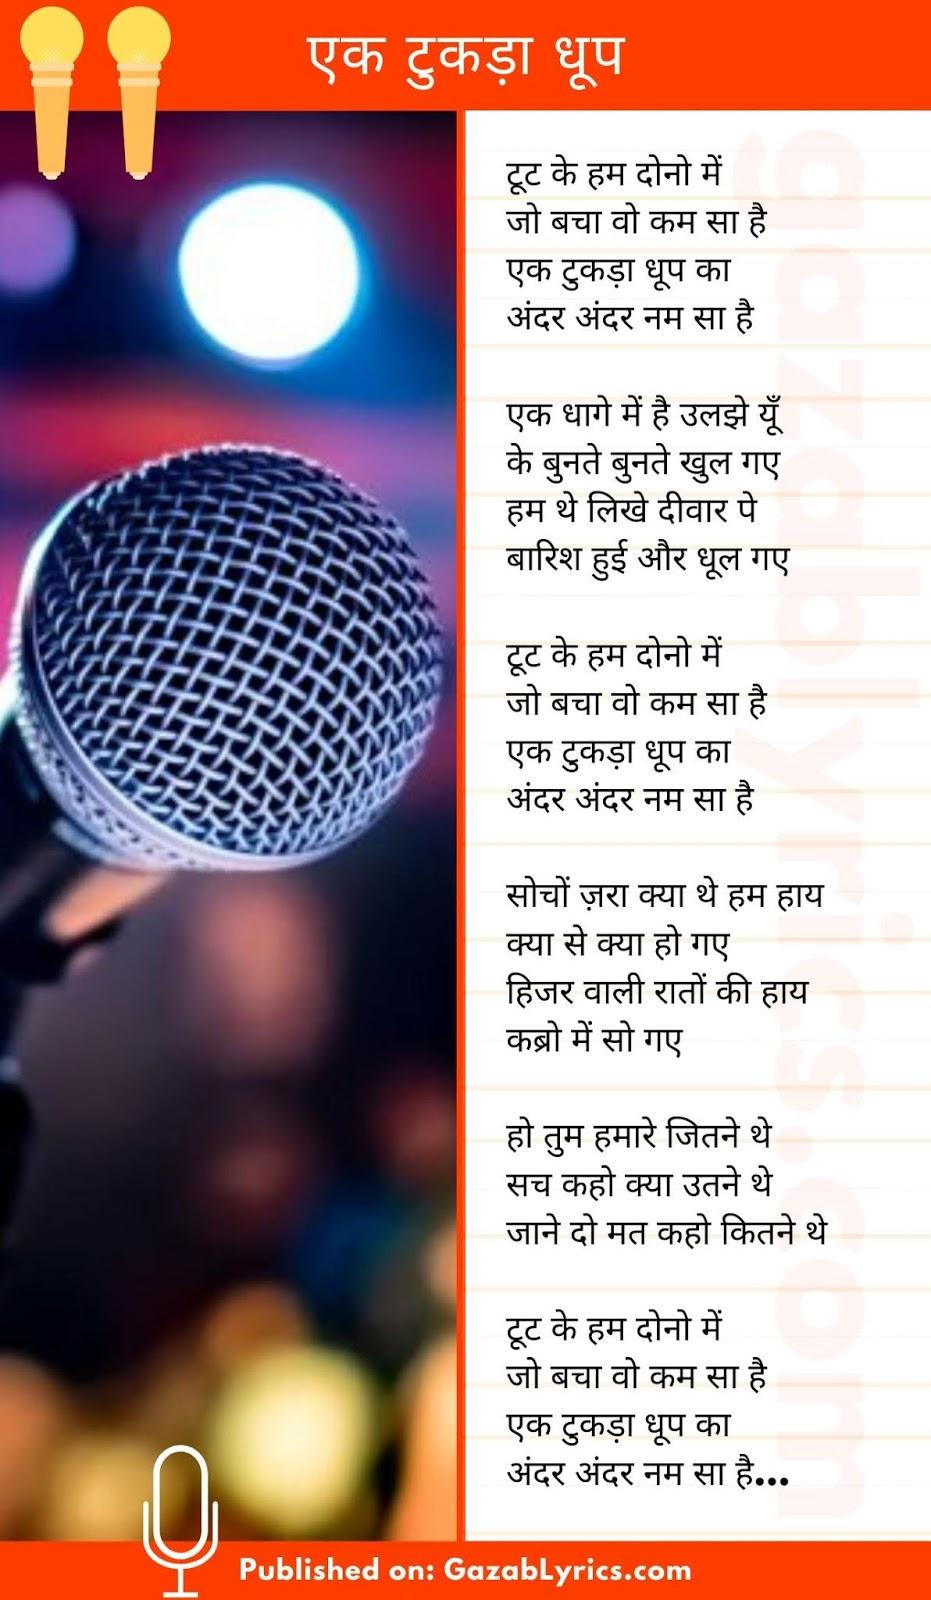 Ek Tukda Dhoop song lyrics image